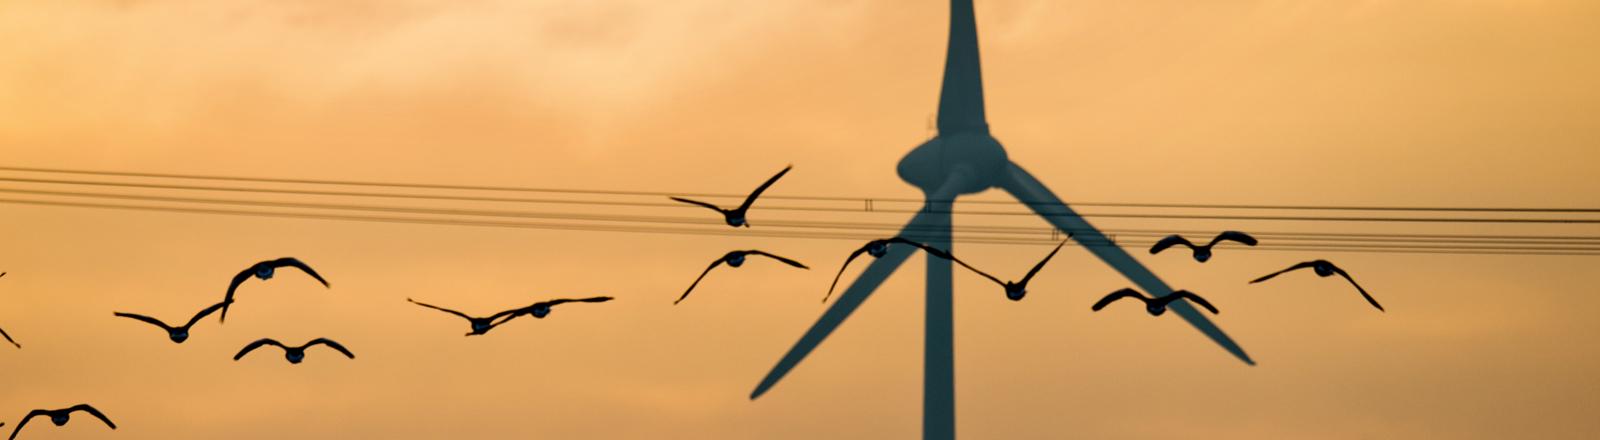 Graugänse (Anser anser) fliegen am 26.11.2015 im Gegenlicht der Morgensonne vorbei an einem Windrad und einer Hochspannungsleitung bei Sehnde in der Region Hannover (Niedersachsen).